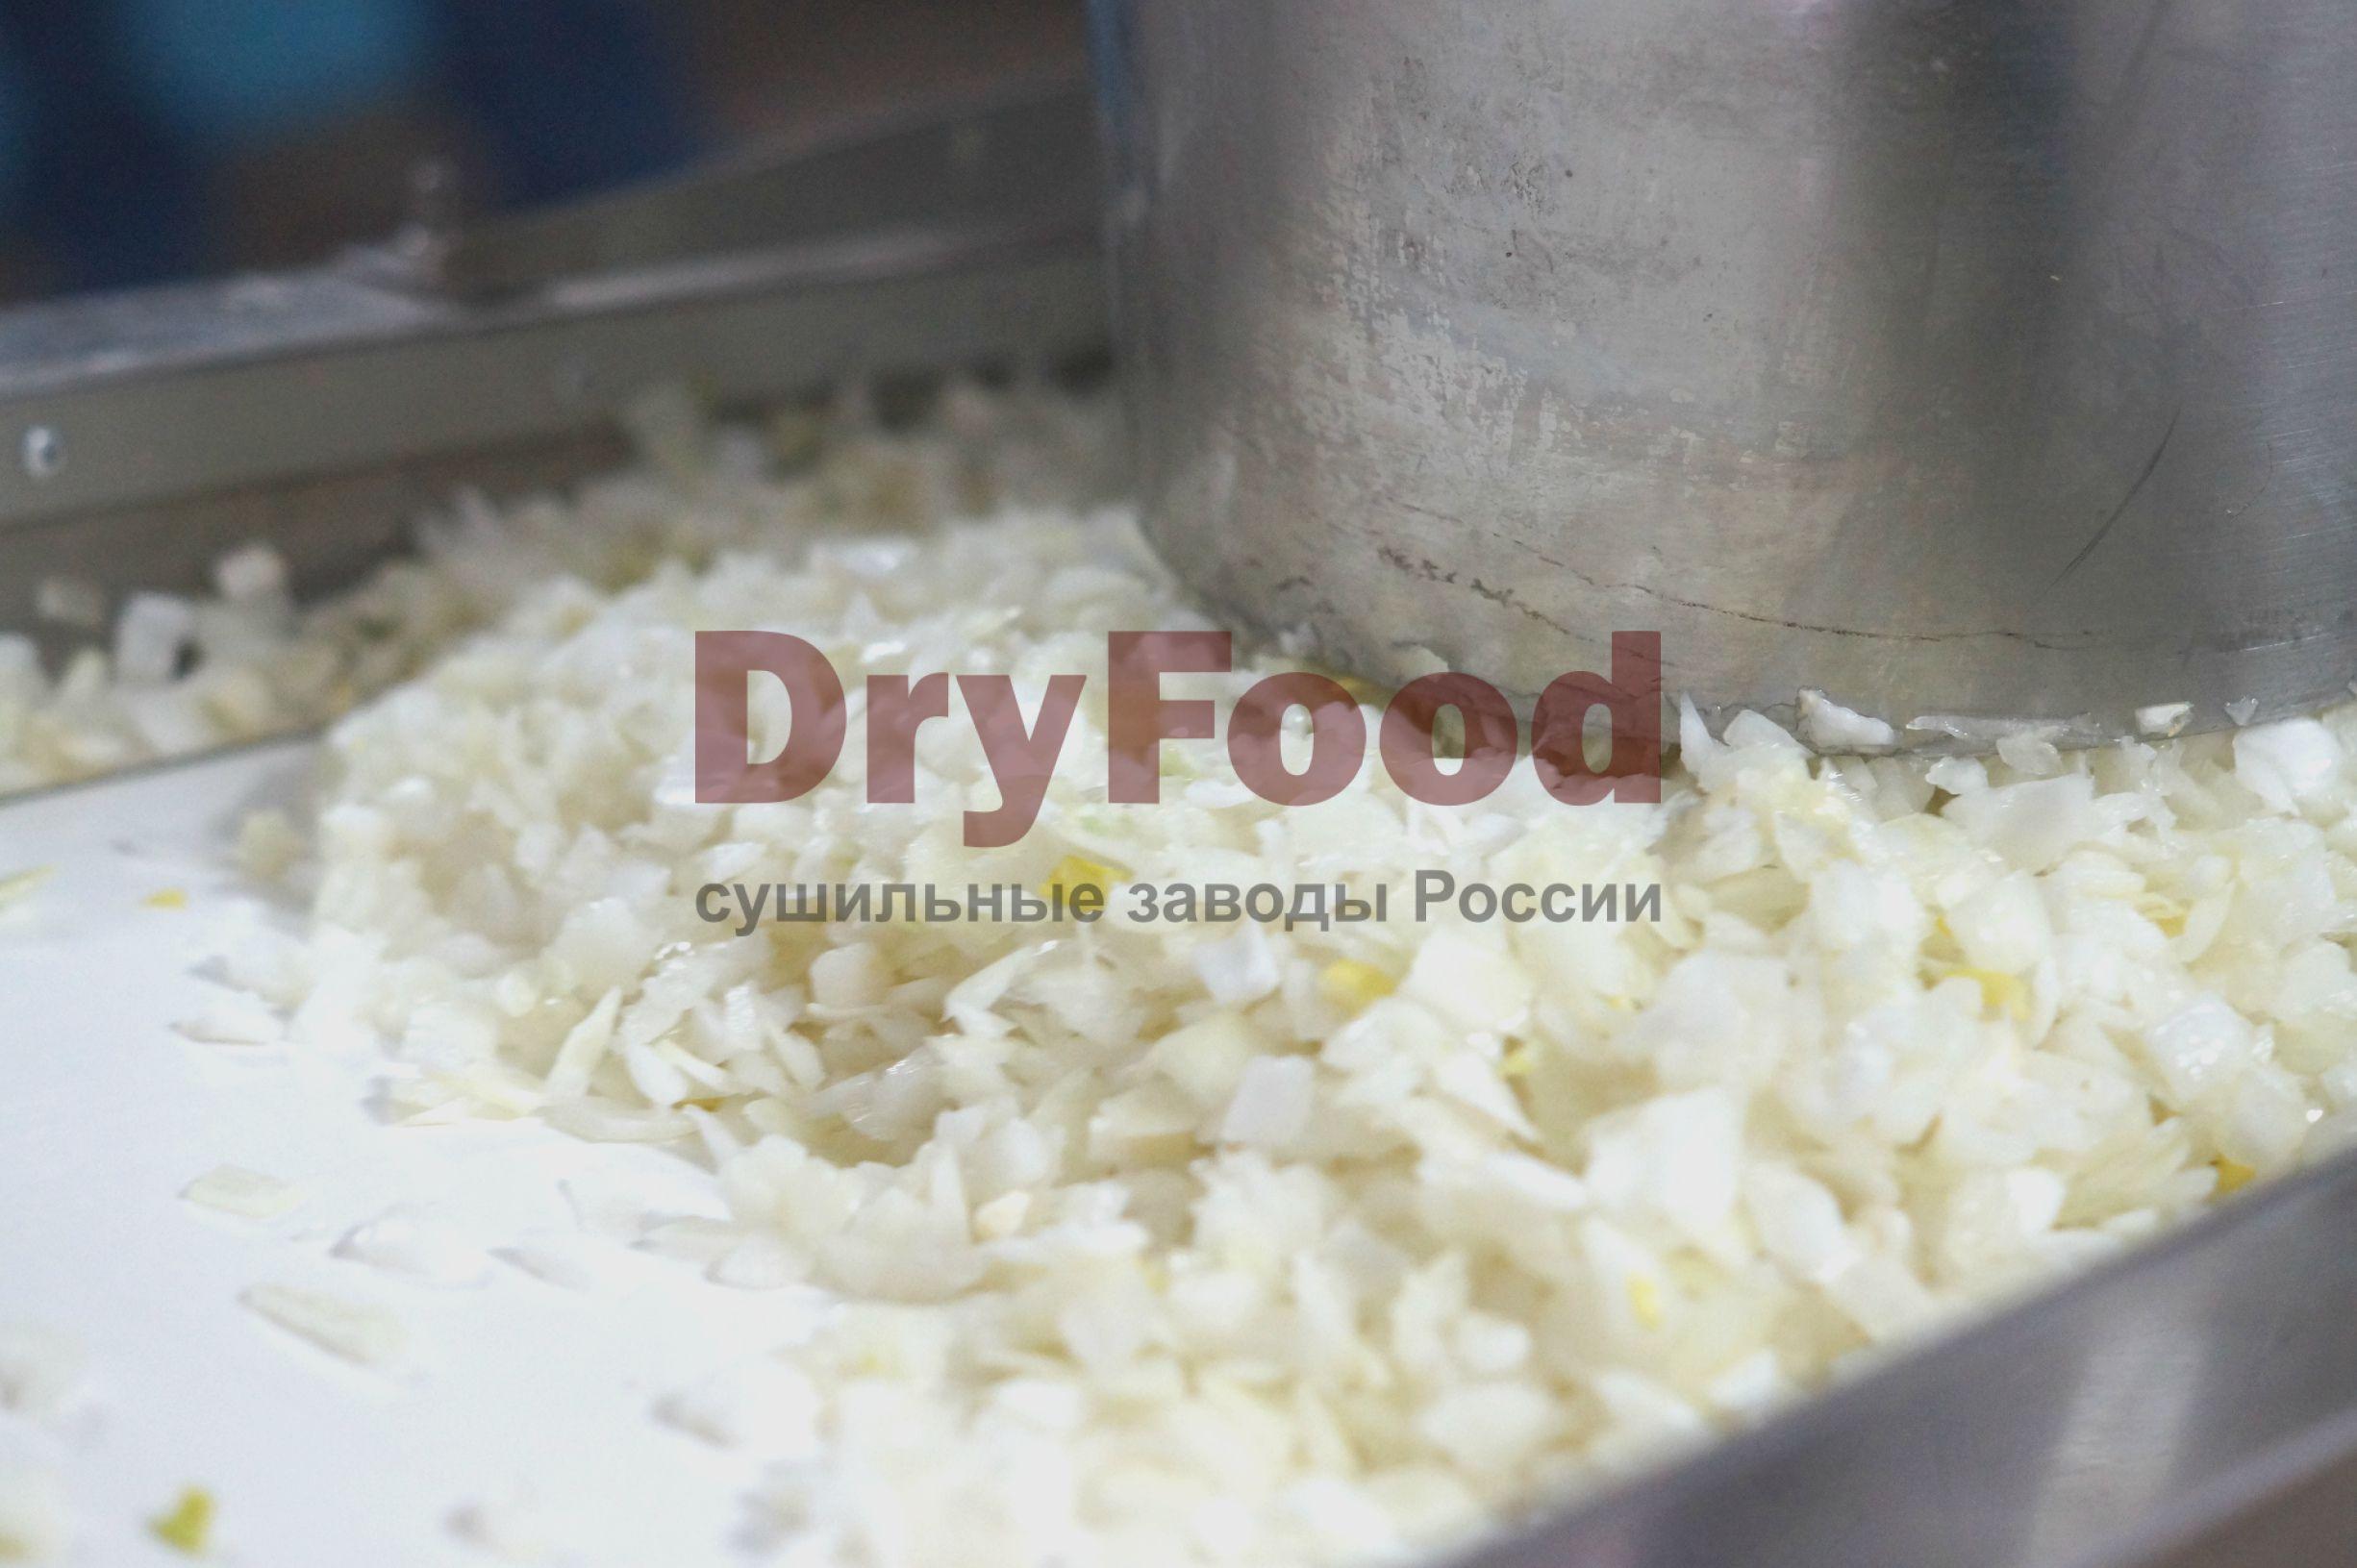 Производство сушеного лука